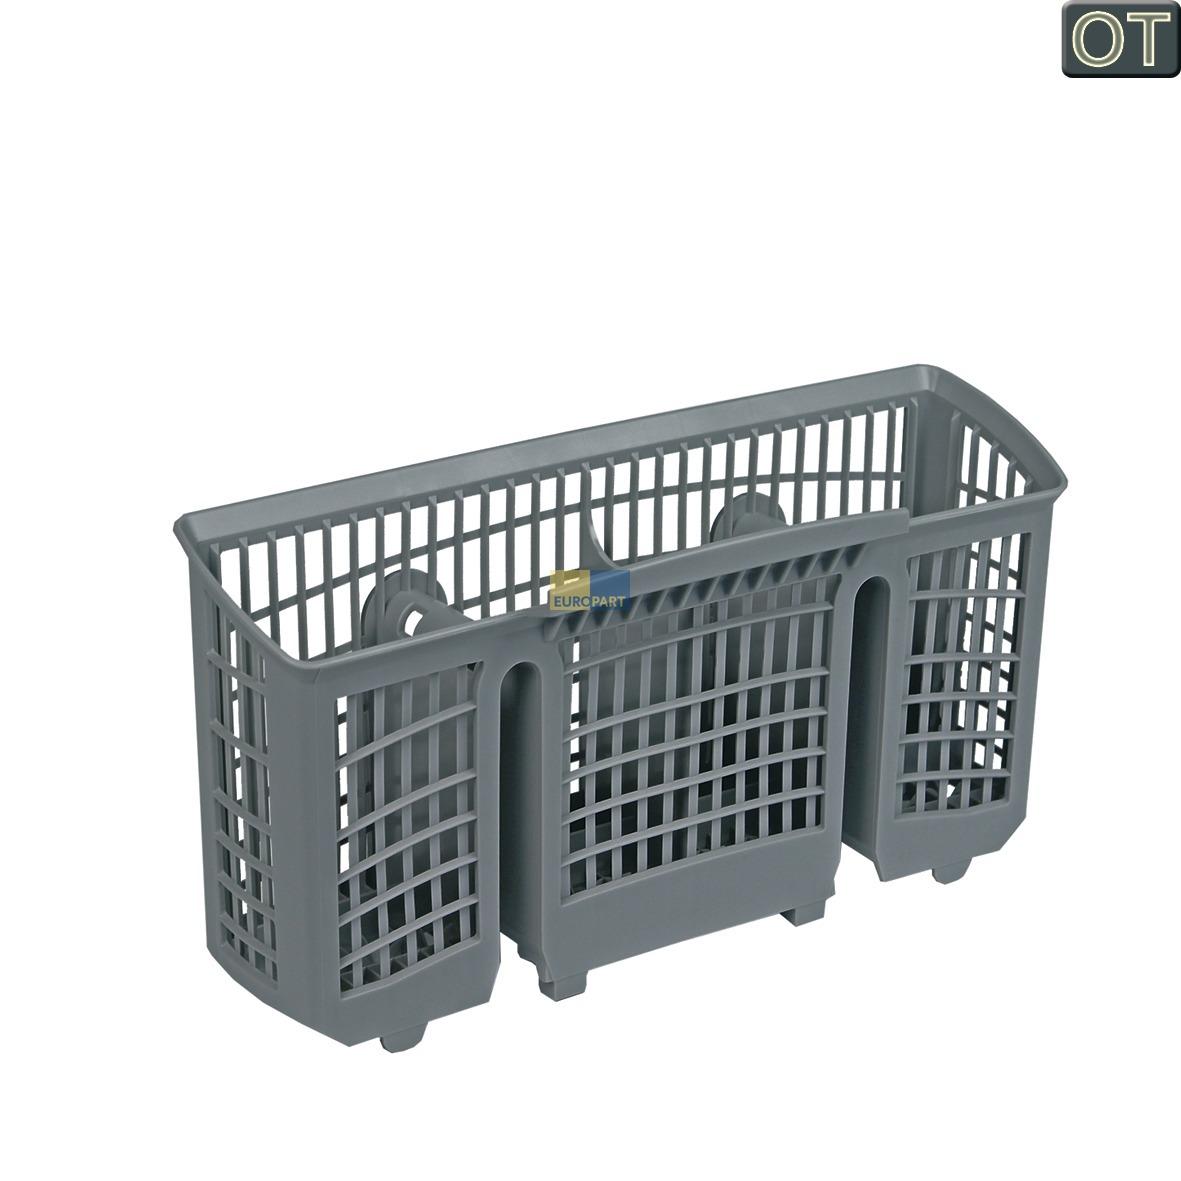 besteckkorb bosch 00646196 f r oberkorb zusatz abea hausger te ersatzteile shop. Black Bedroom Furniture Sets. Home Design Ideas